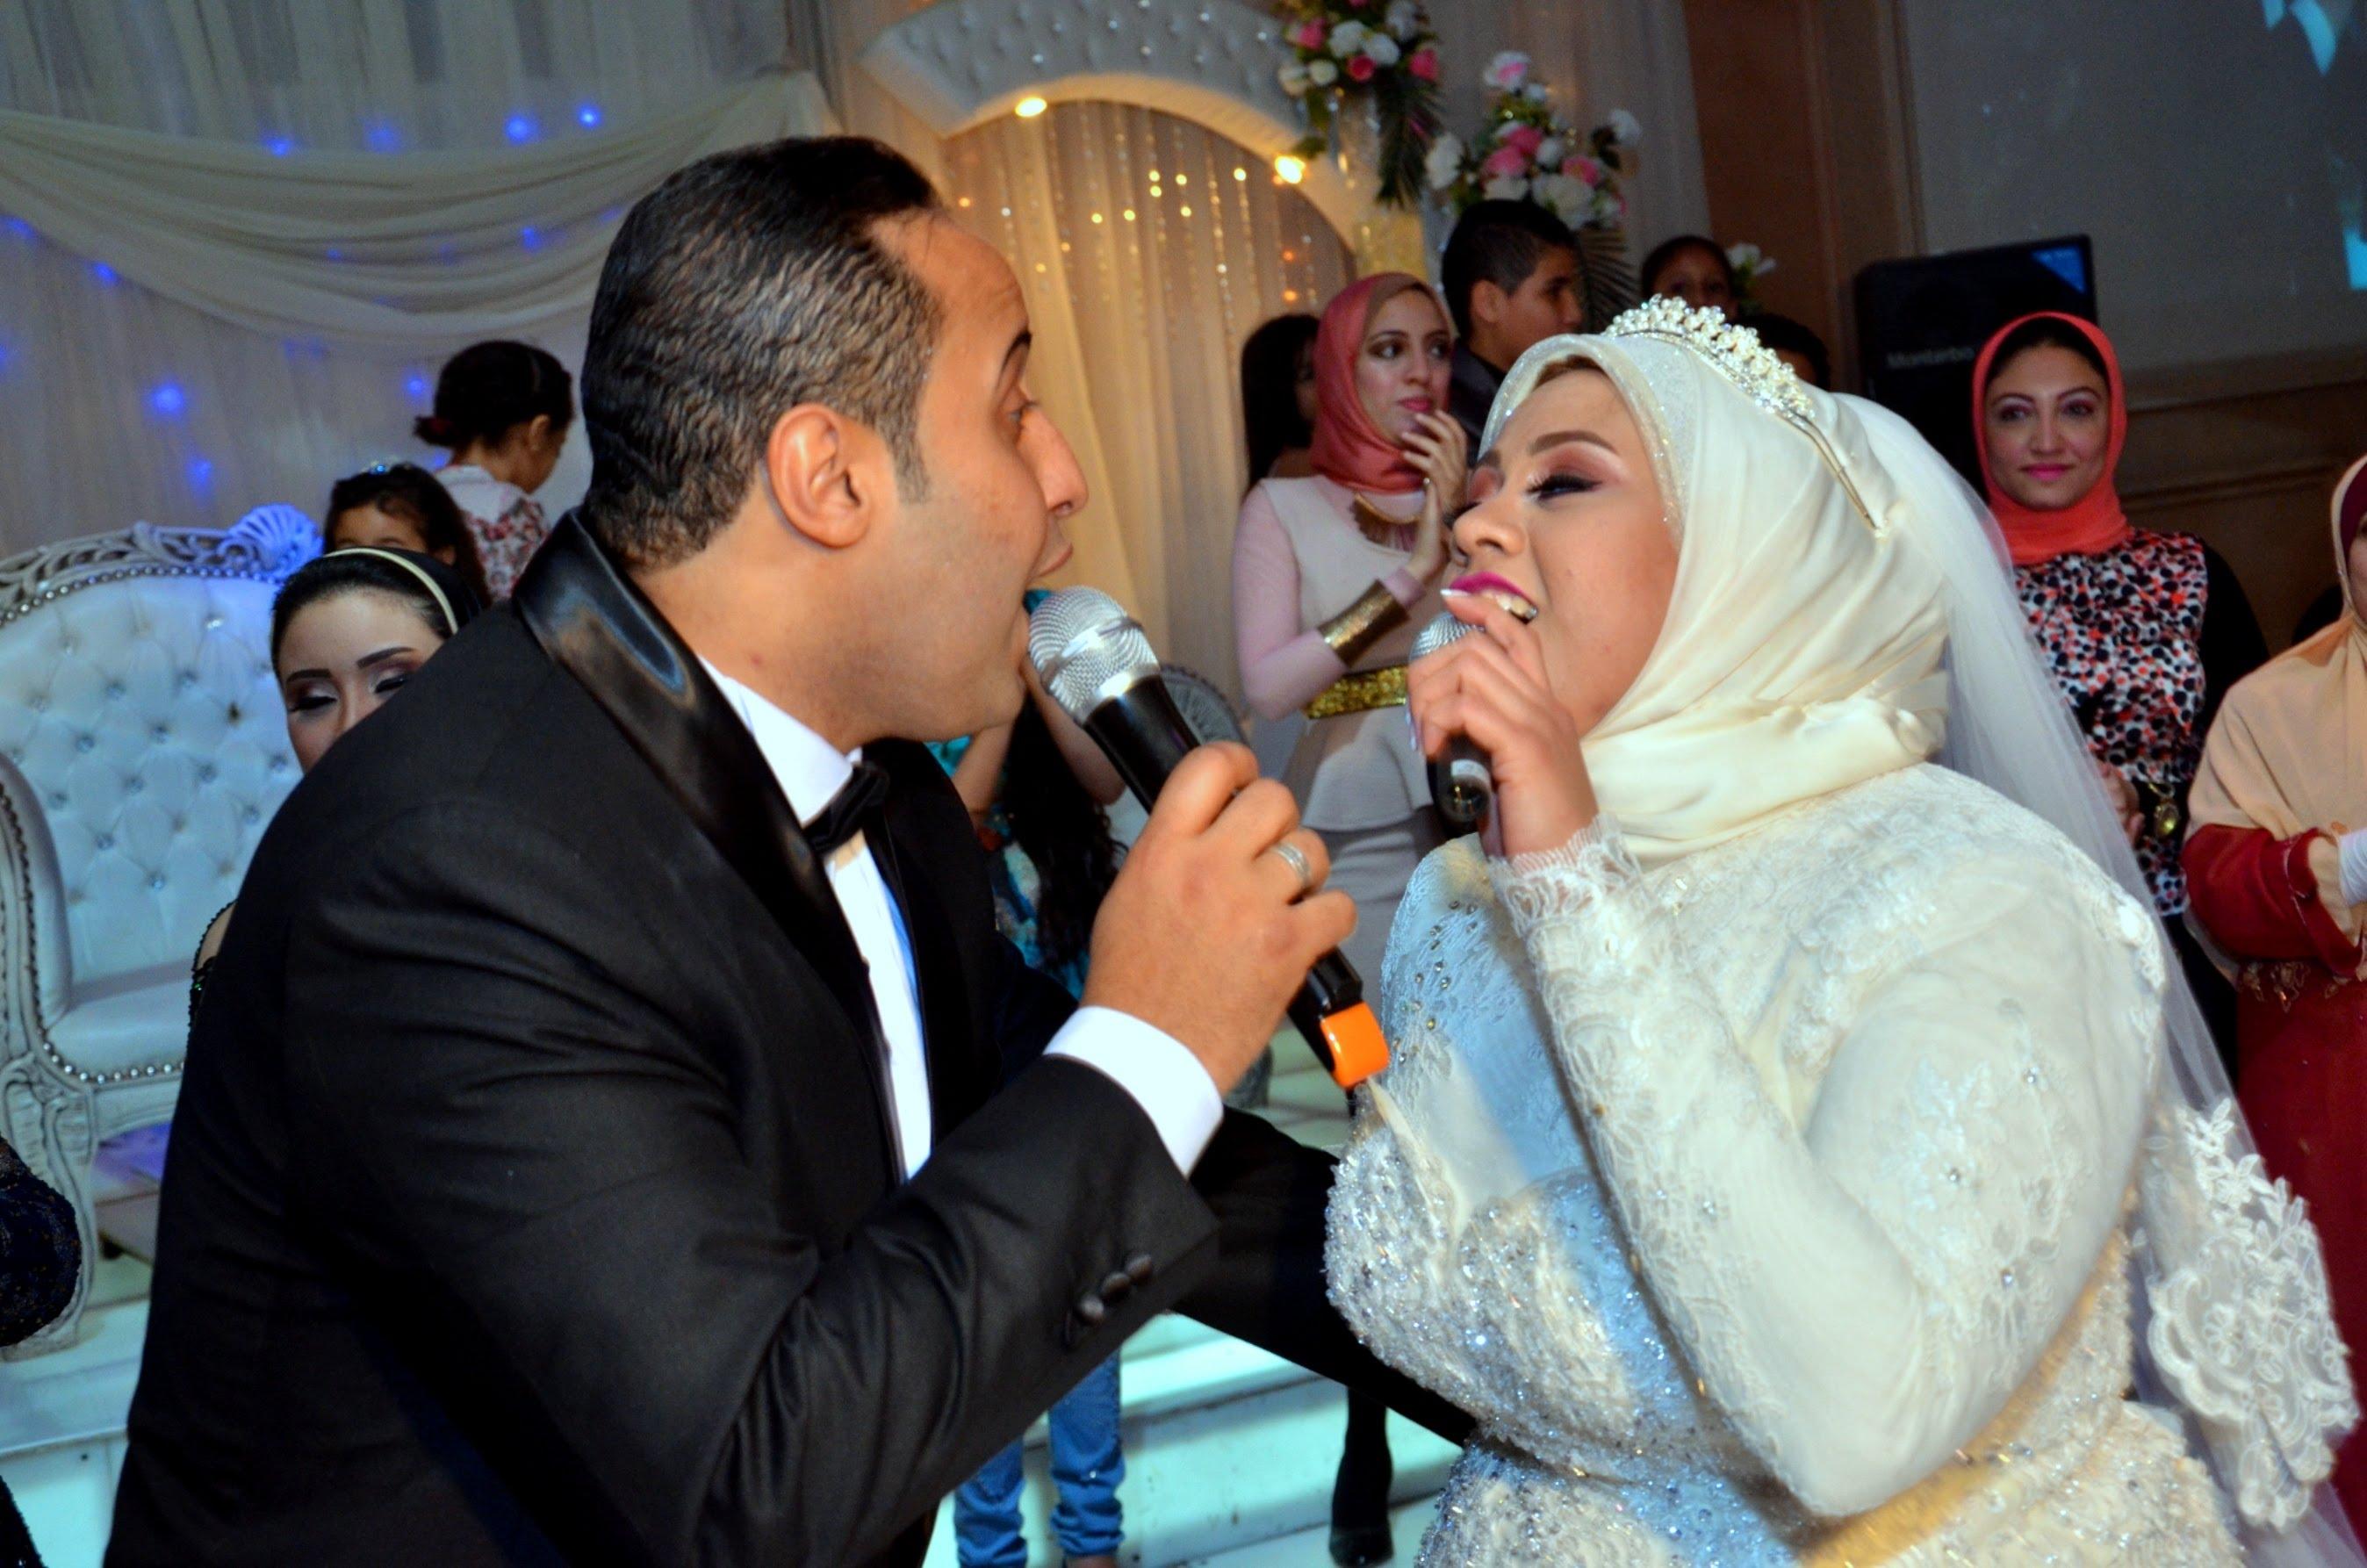 صورة افراح الممثلين , اعراس فخمة جدا